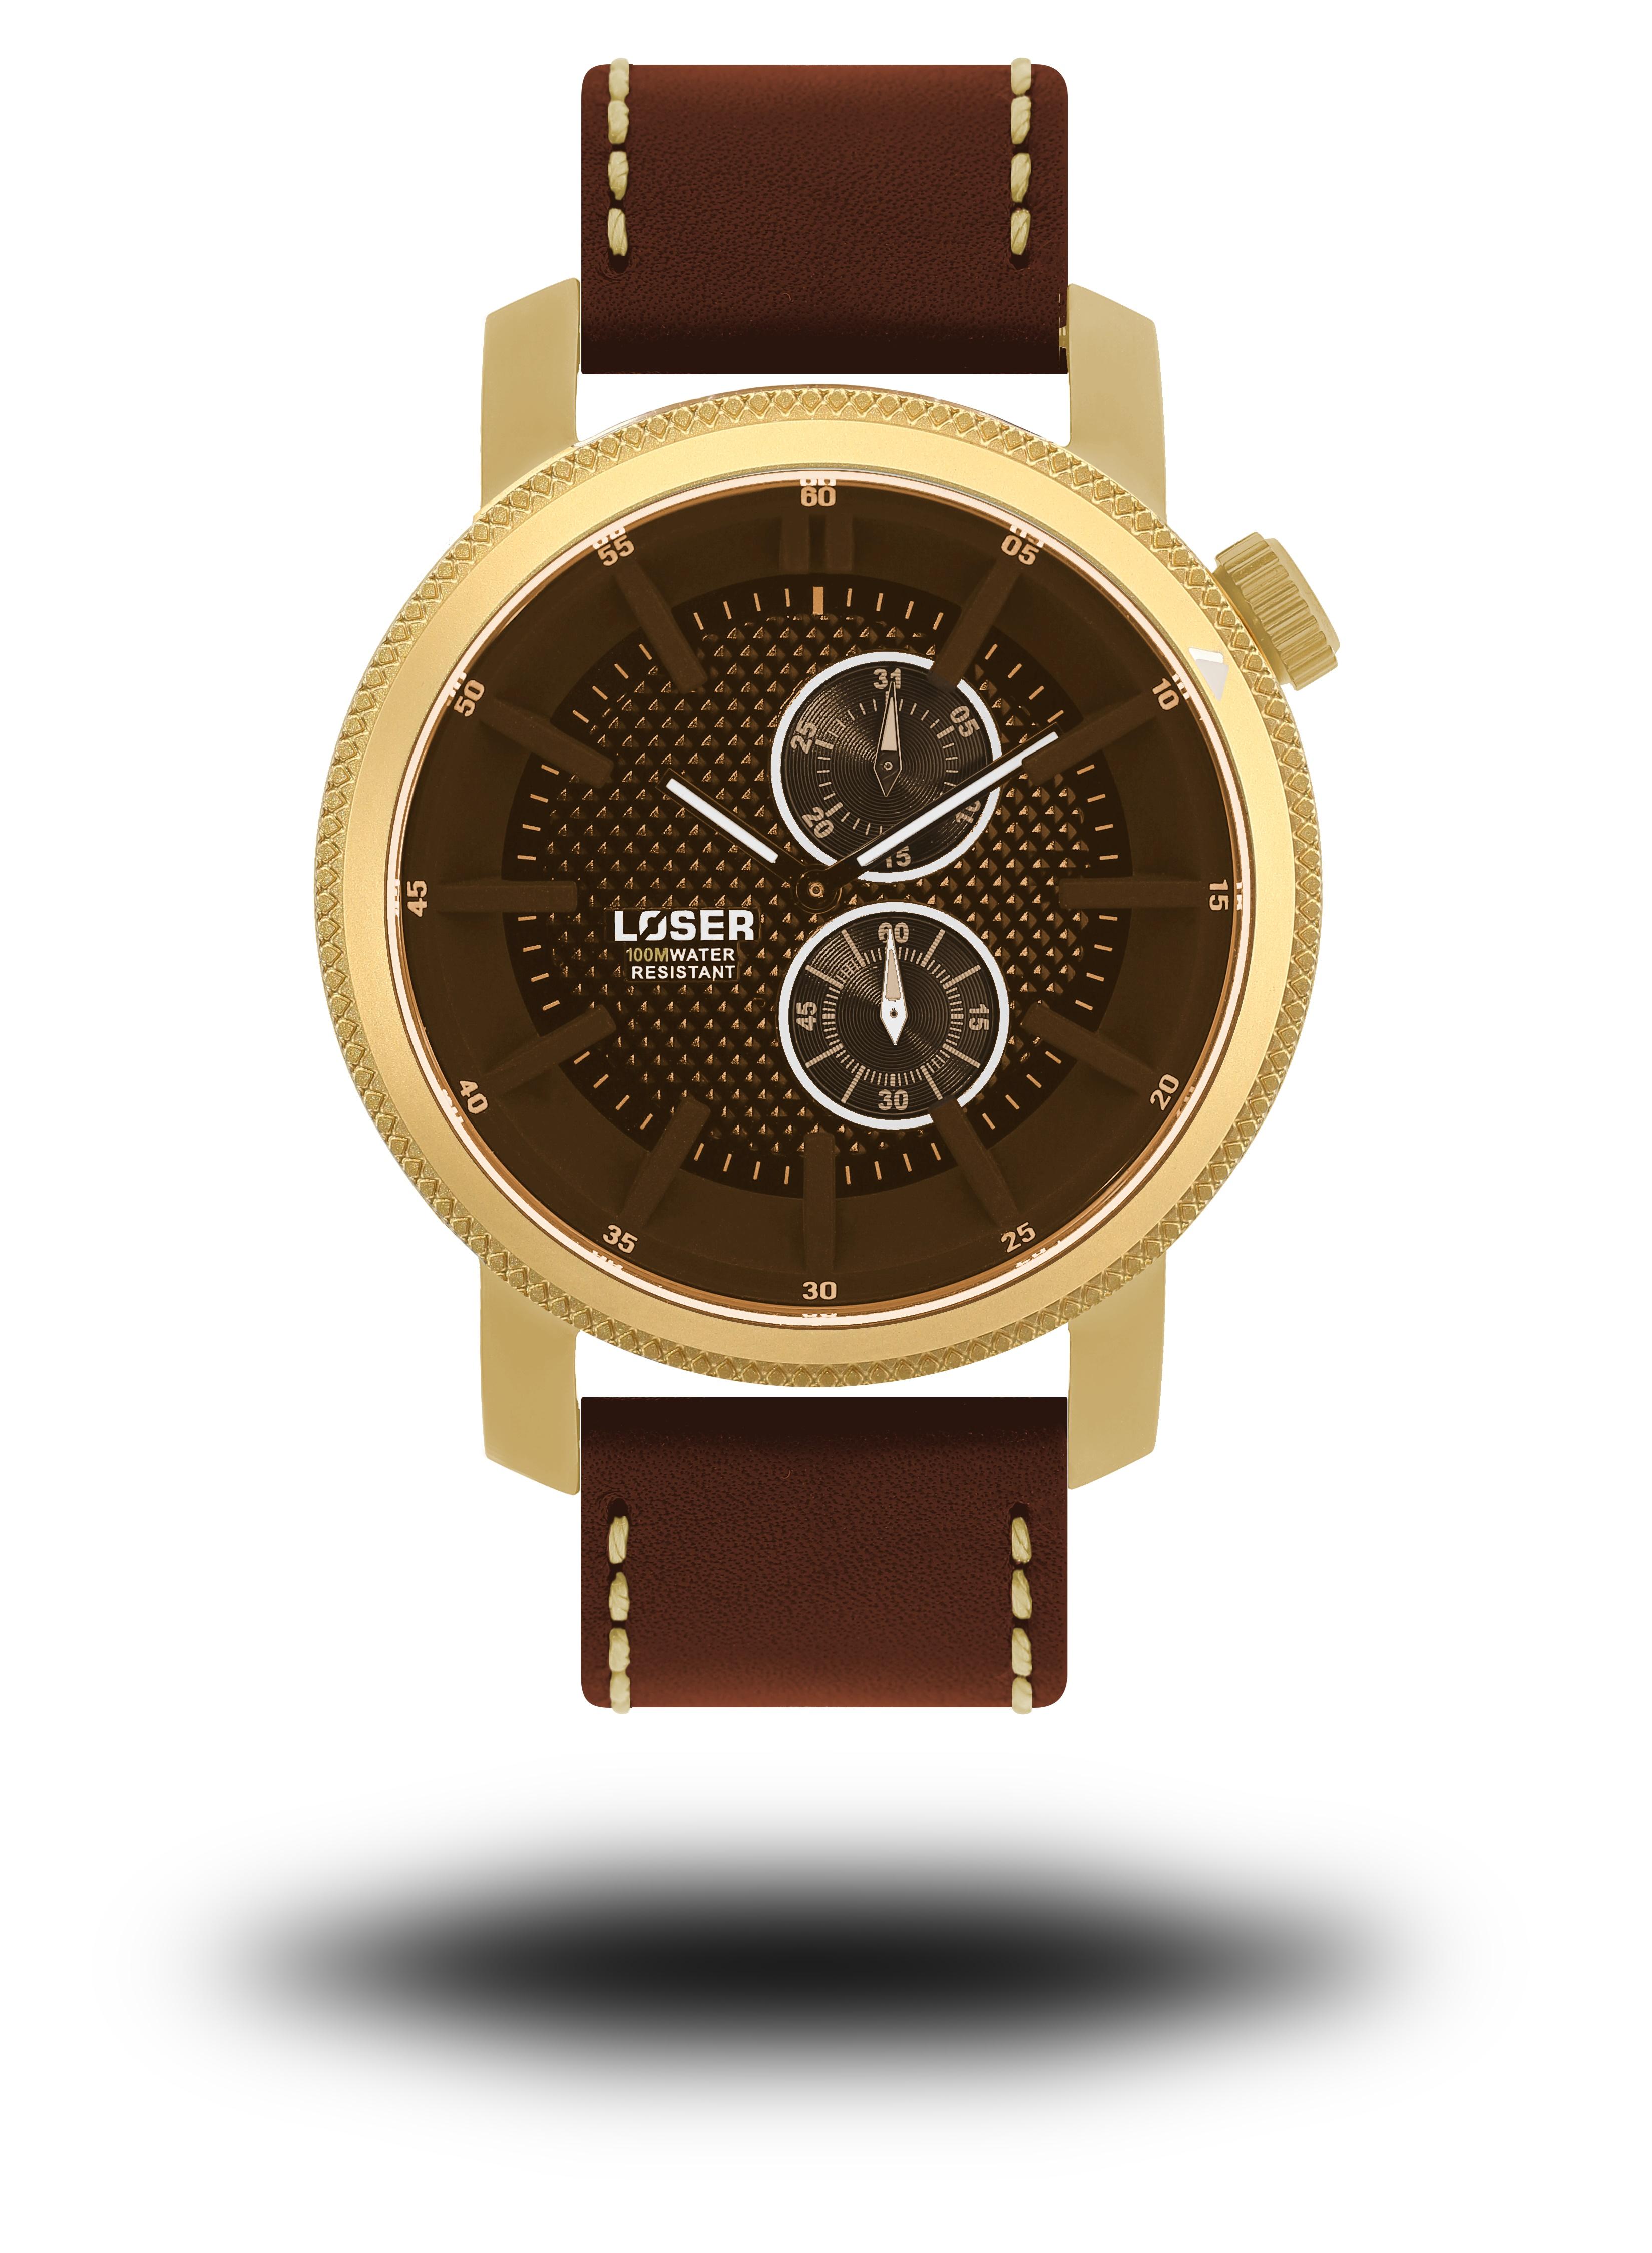 Luxusní nadčasové sportovní vodotěsné hodinky LOSER Infinity EMPIRE 9932f1cc27